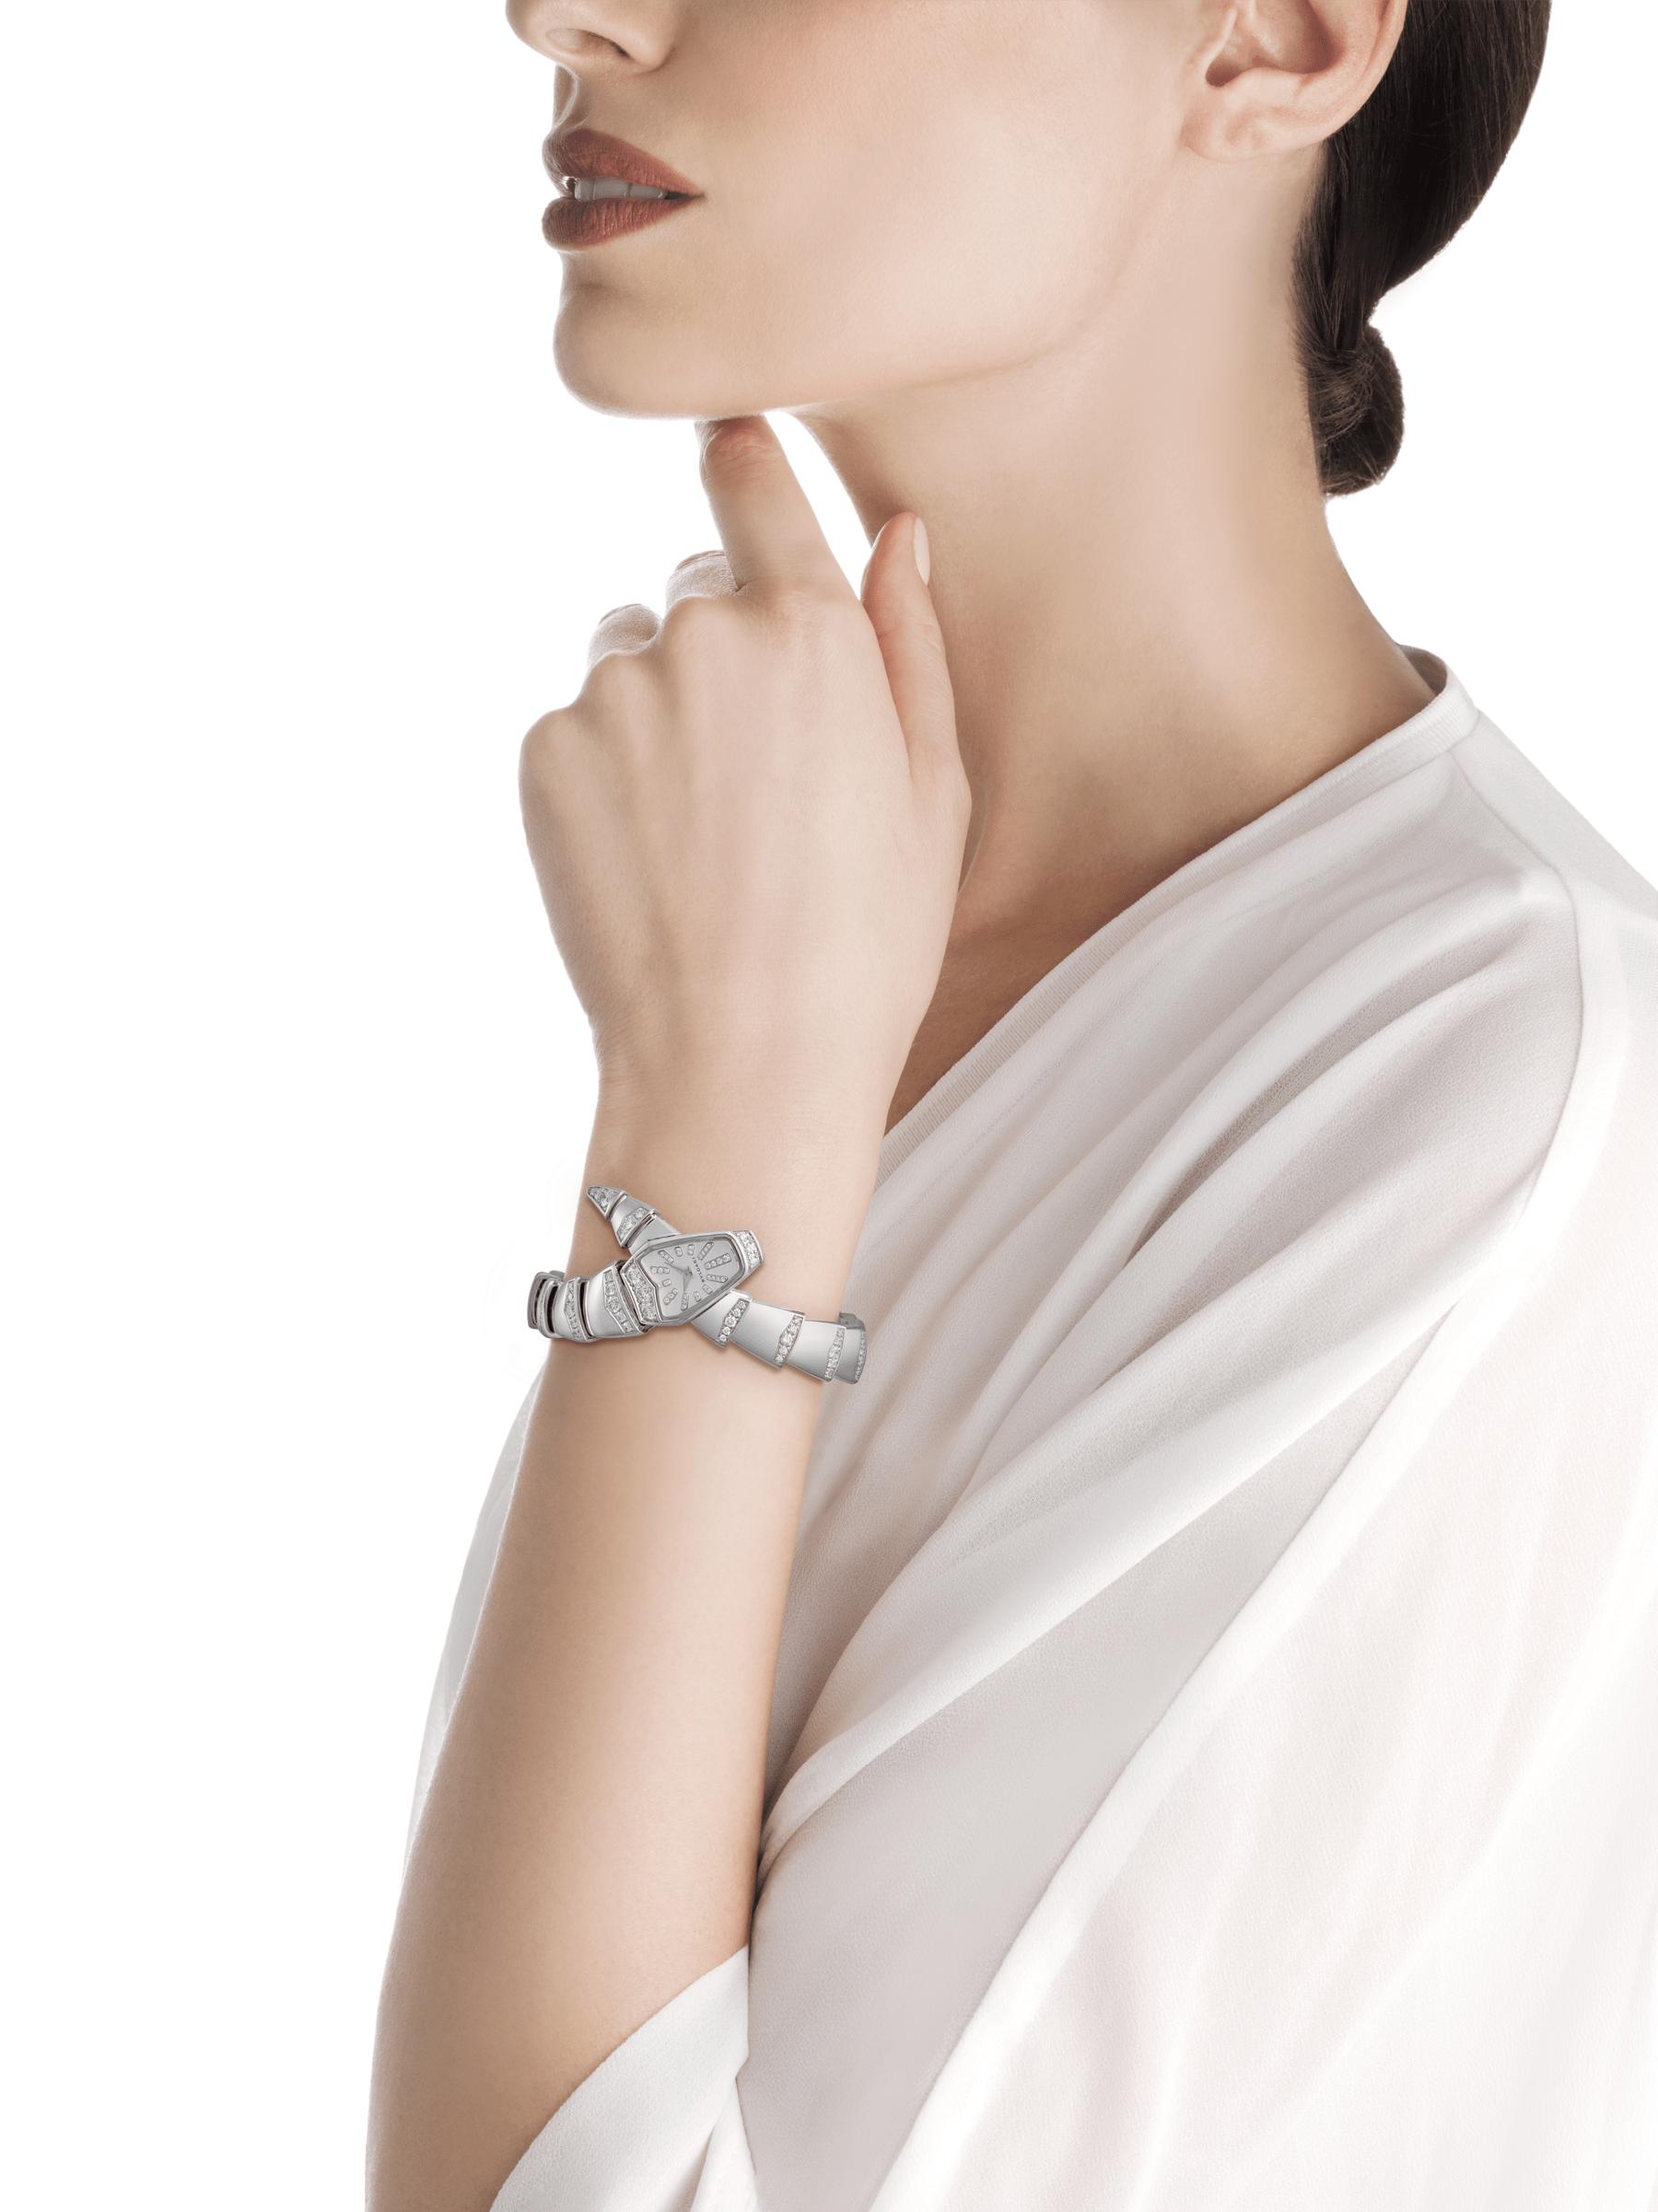 Orologio Serpenti Jewellery con cassa e bracciale a spirale in oro bianco 18 kt con diamanti taglio brillante, quadrante bianco in madreperla e indici con diamanti. 102366 image 2